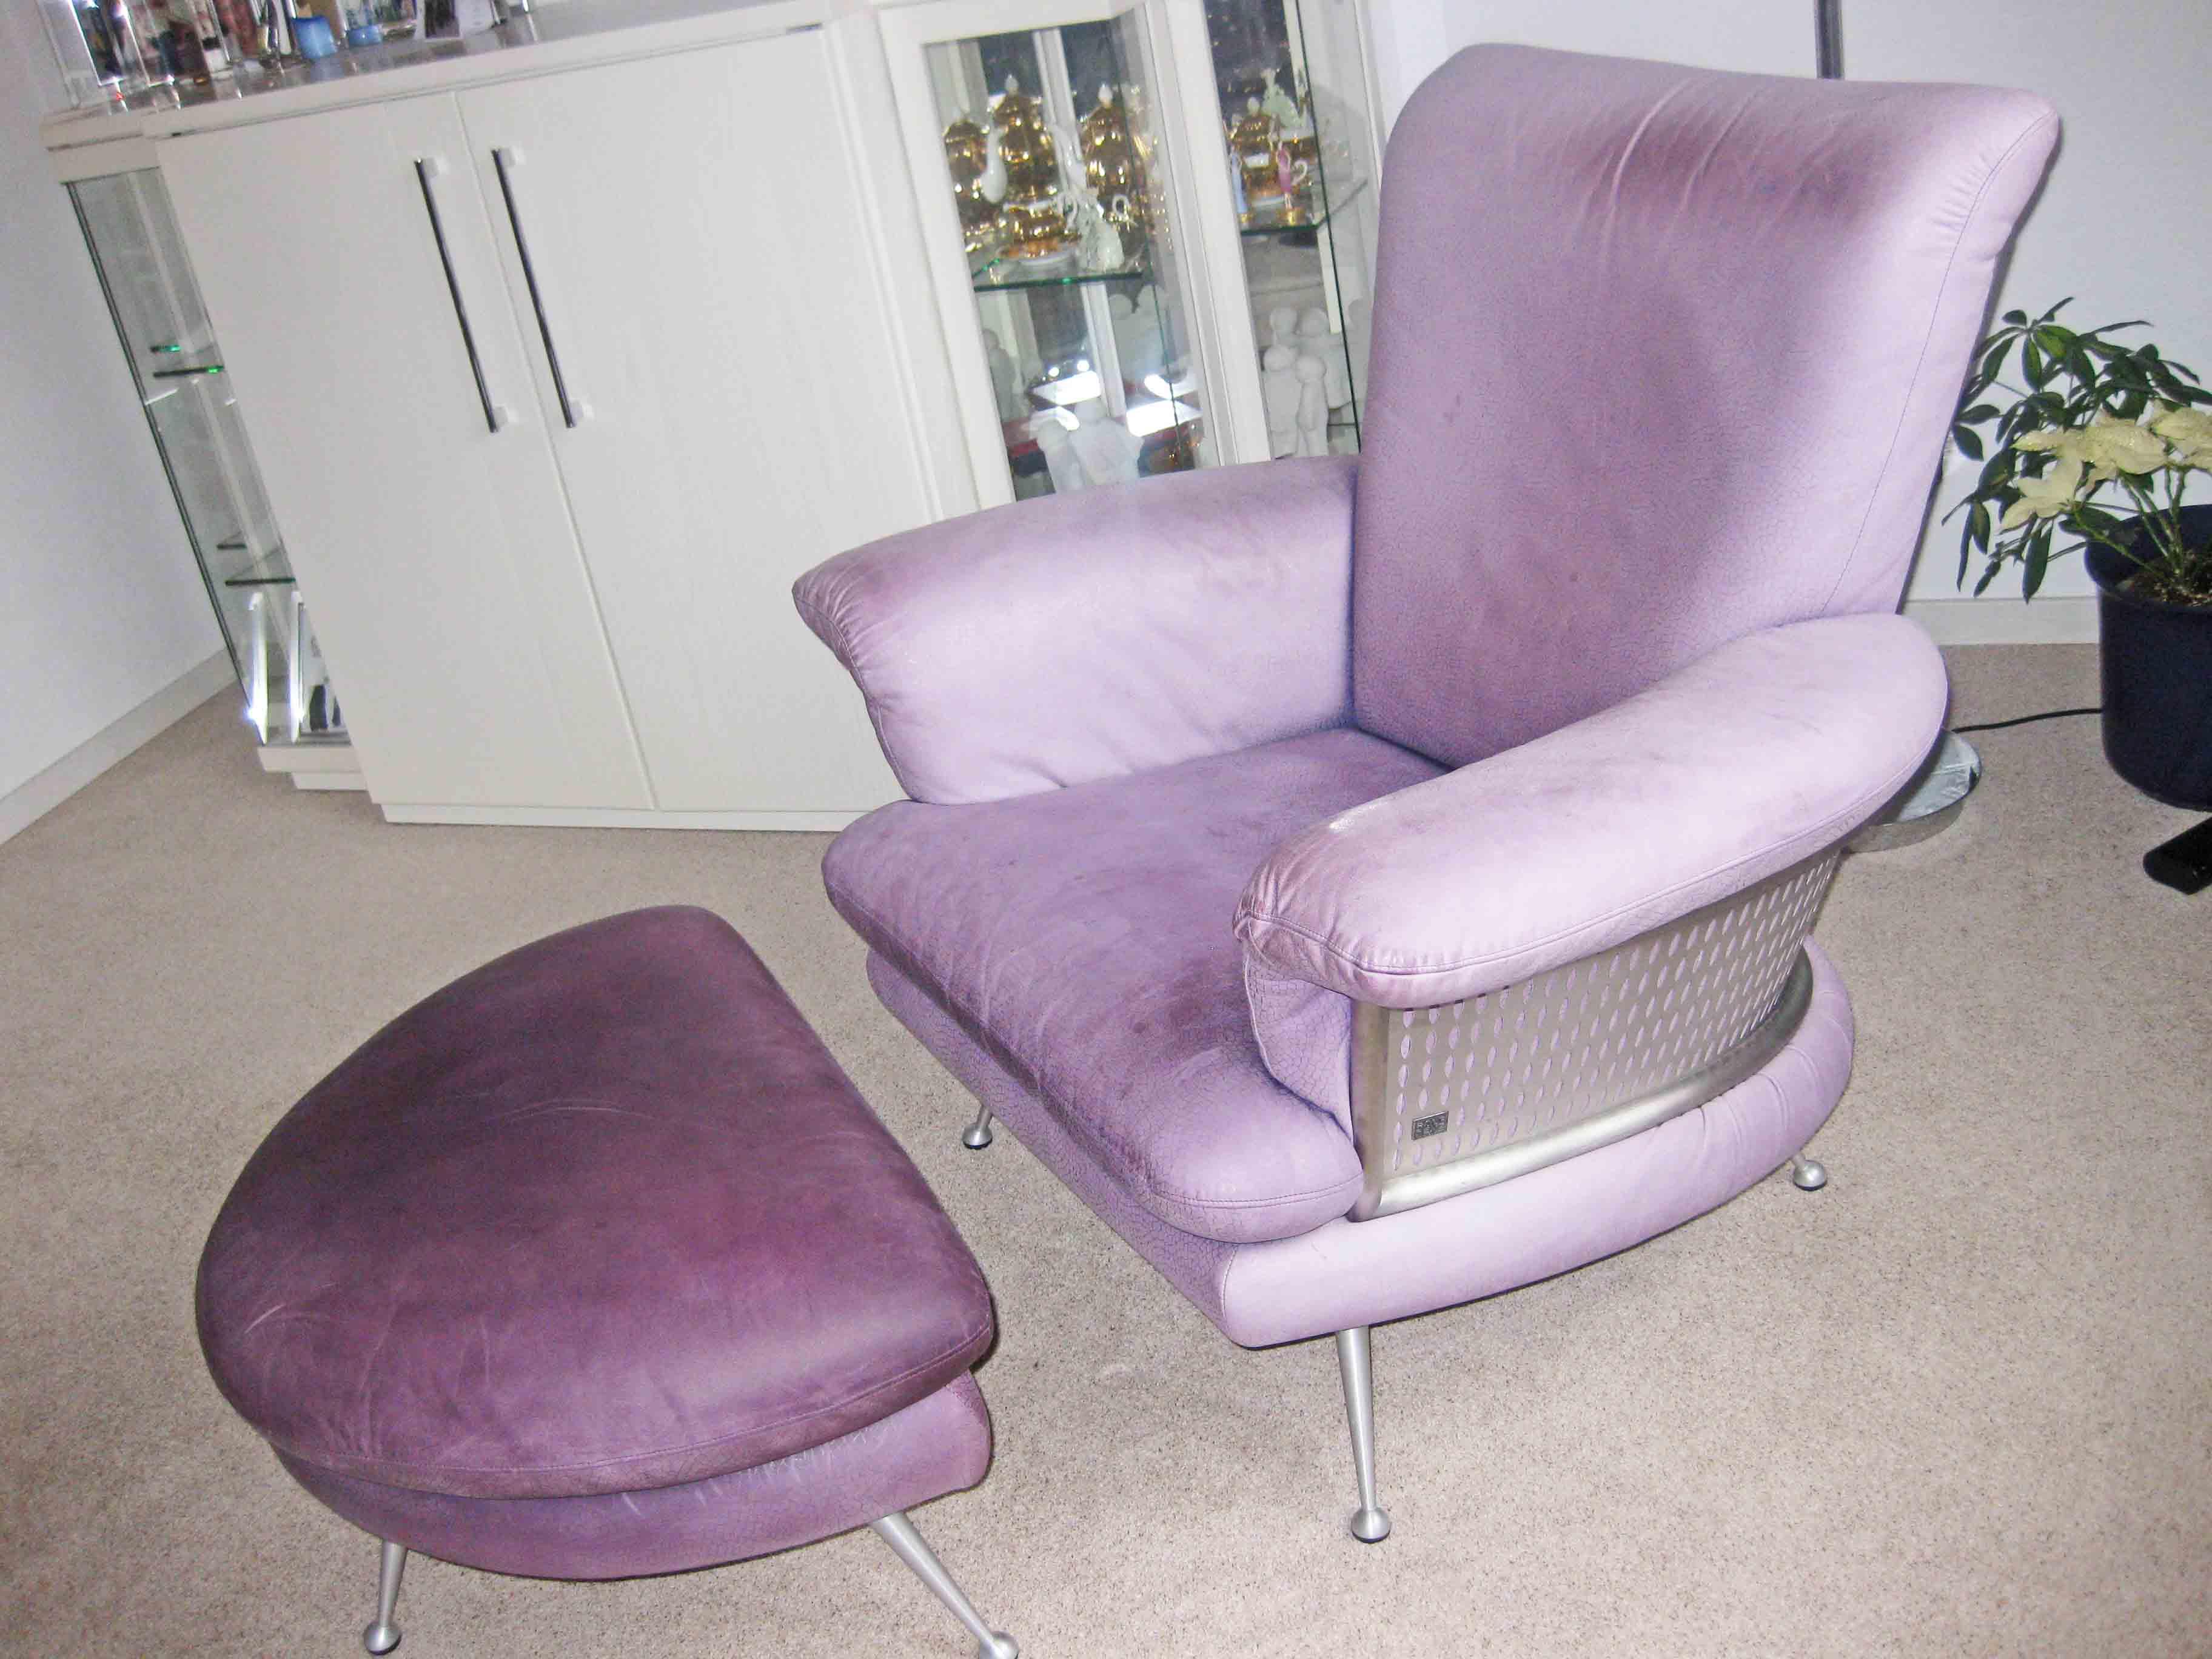 1 Frisch sofa Reinigung Bilder